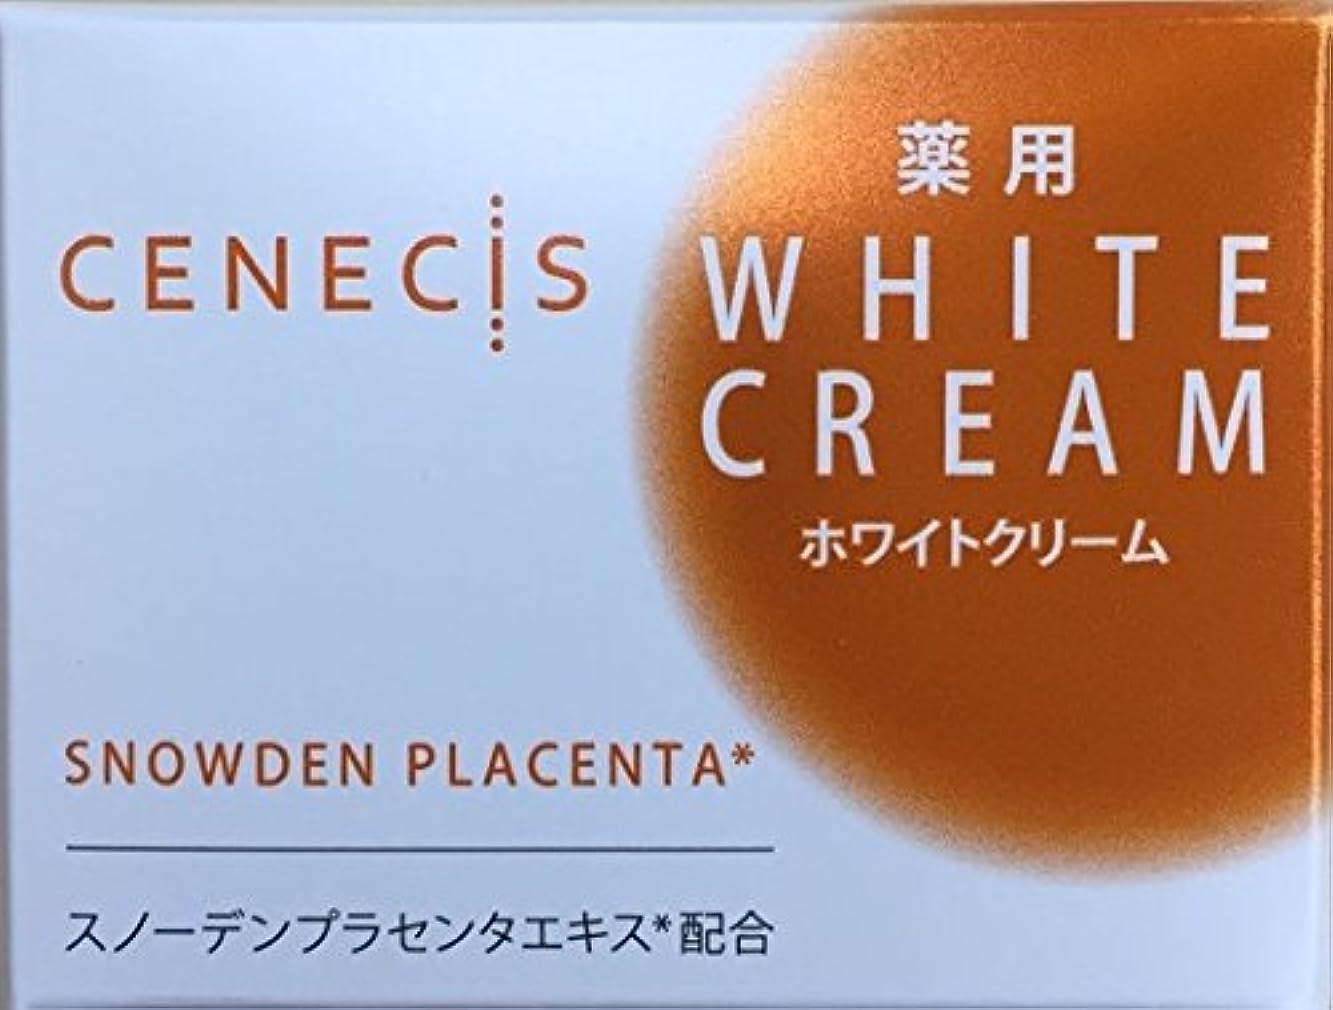 ペルソナくま空気スノーデン セネシス 薬用ホワイトクリーム 40g